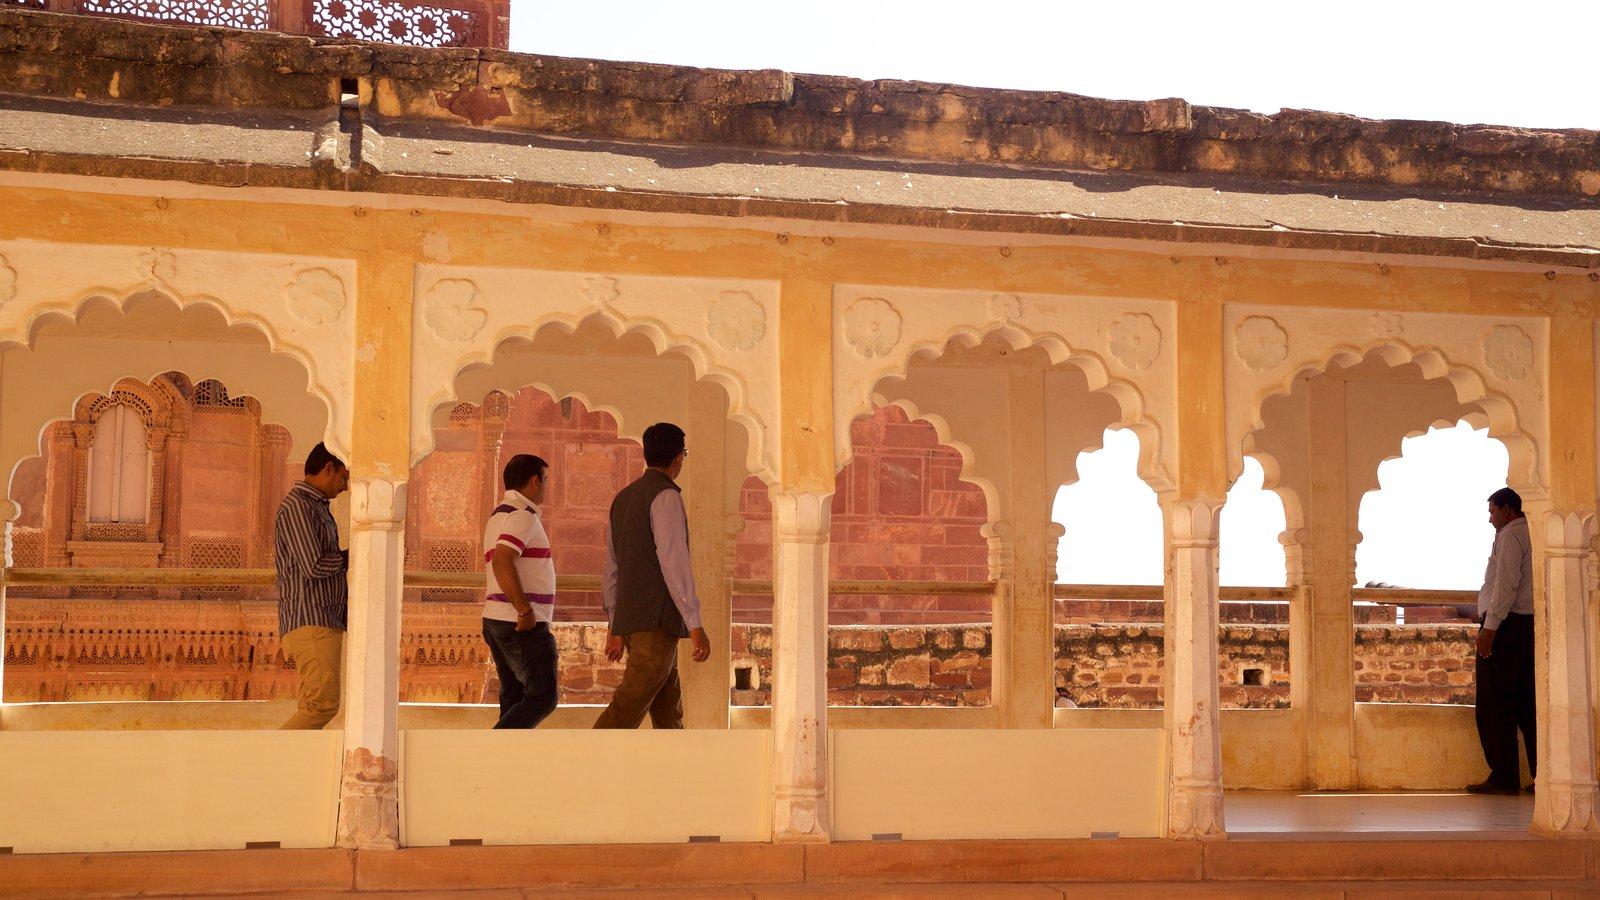 Mehrangarh Fort mostrando patrimonio de arquitectura y elementos del patrimonio y también un pequeño grupo de personas